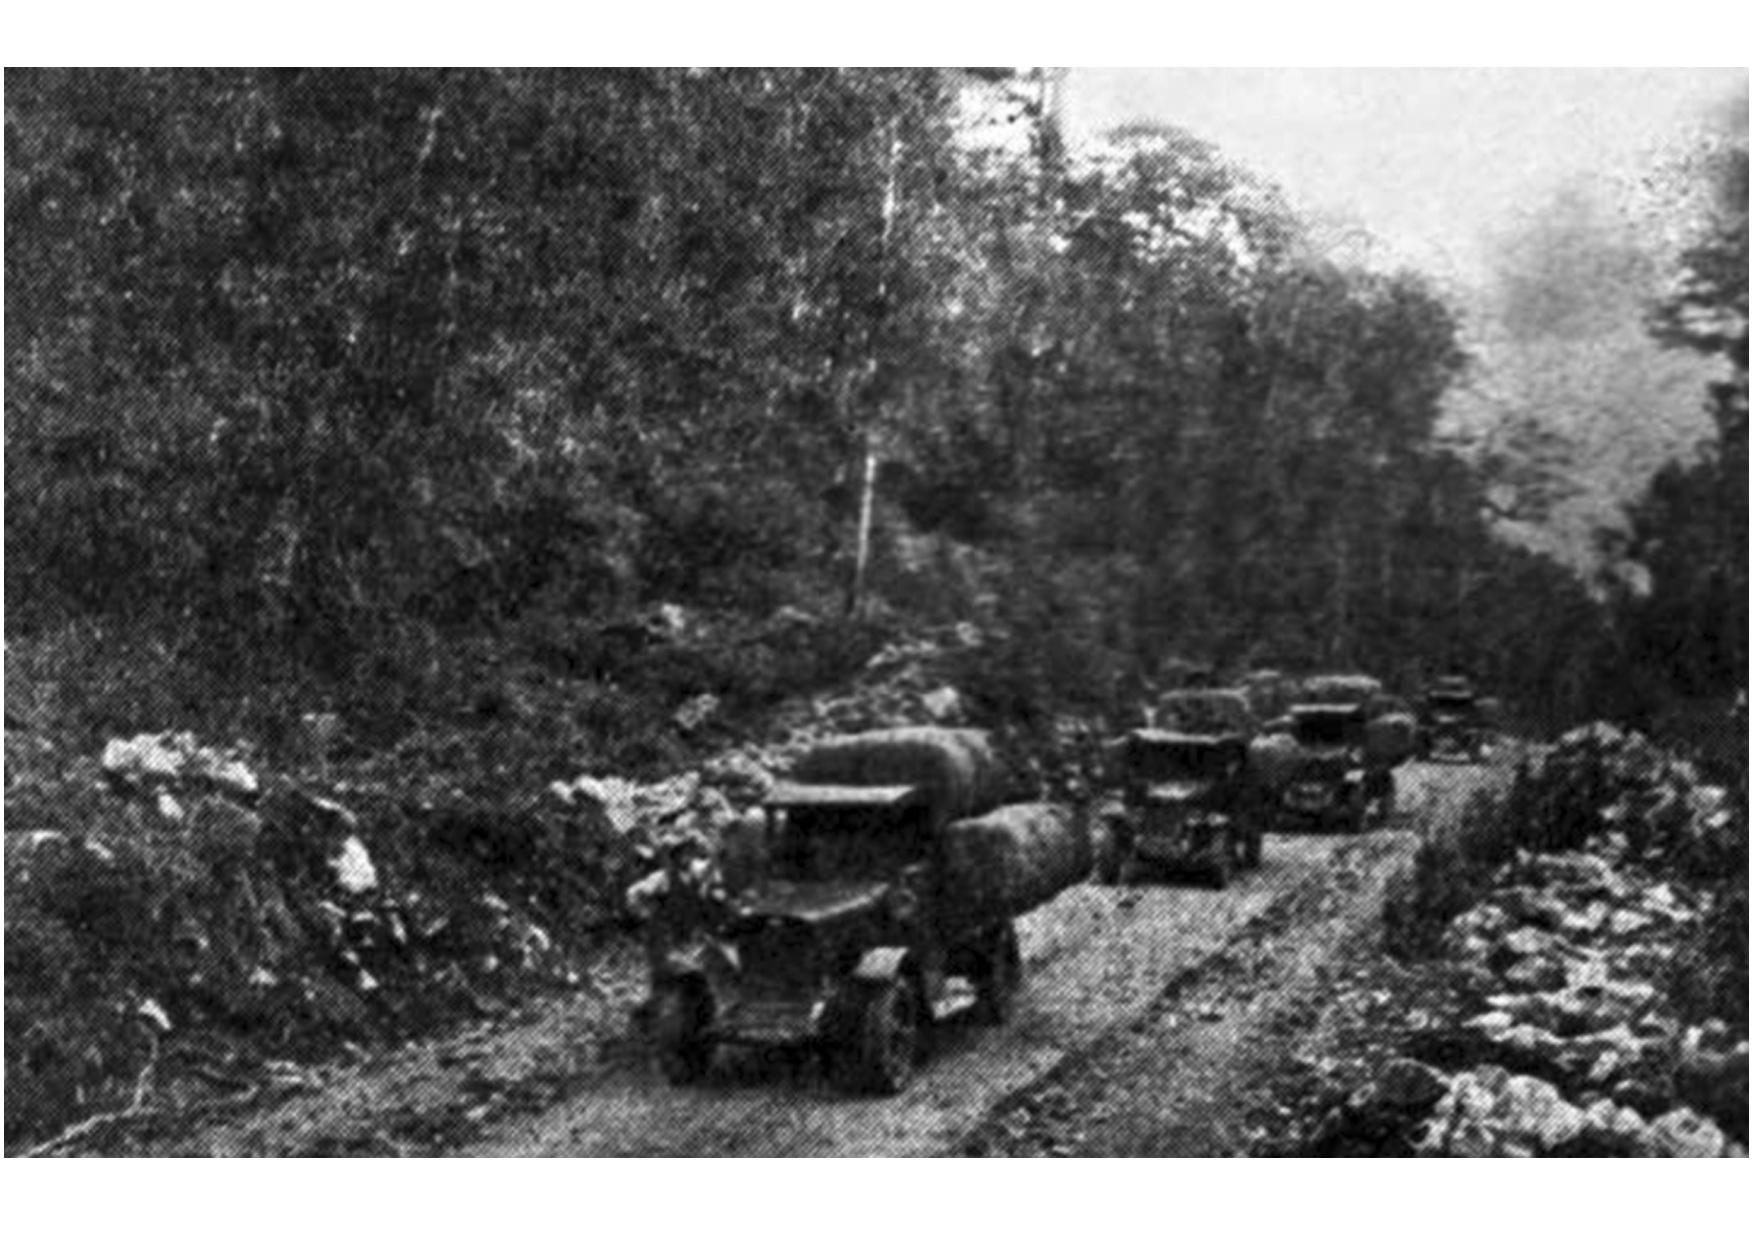 (3) Transporte de lana en camiones desde Coyhaique a Puerto Aysén alrededor de 1940 en MARTINIC Mateo_De la Trapananda al Aysén